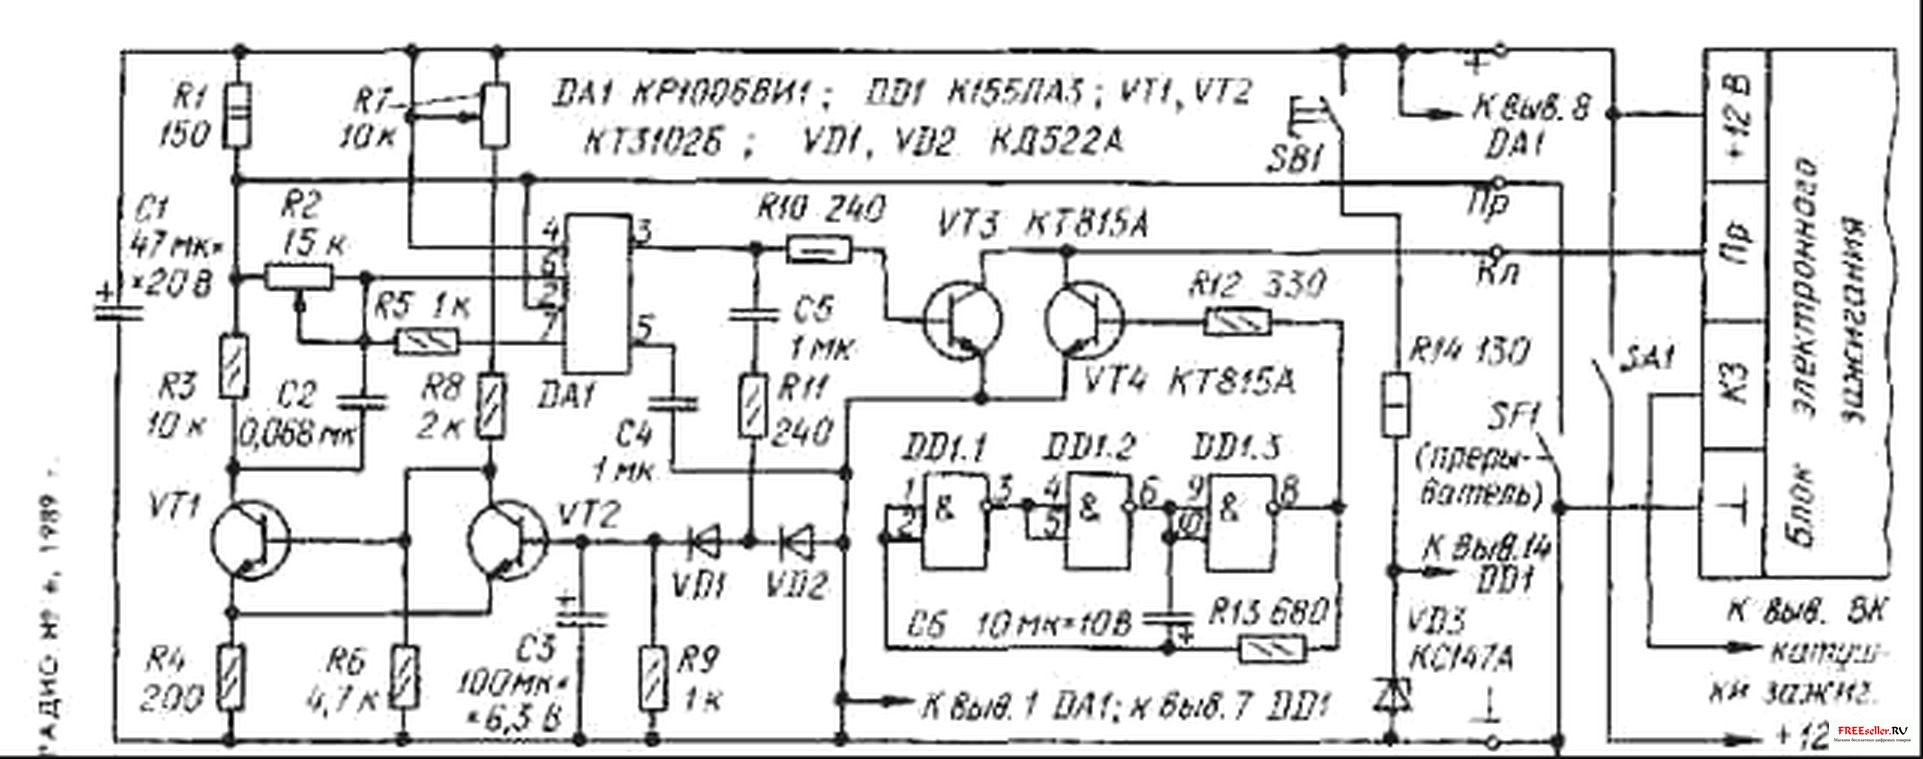 Приставка состоит из таймера DA1, выключателя задержки на транзисторах VT1, VT2, транзисторного ключа VT3, VT4 и...